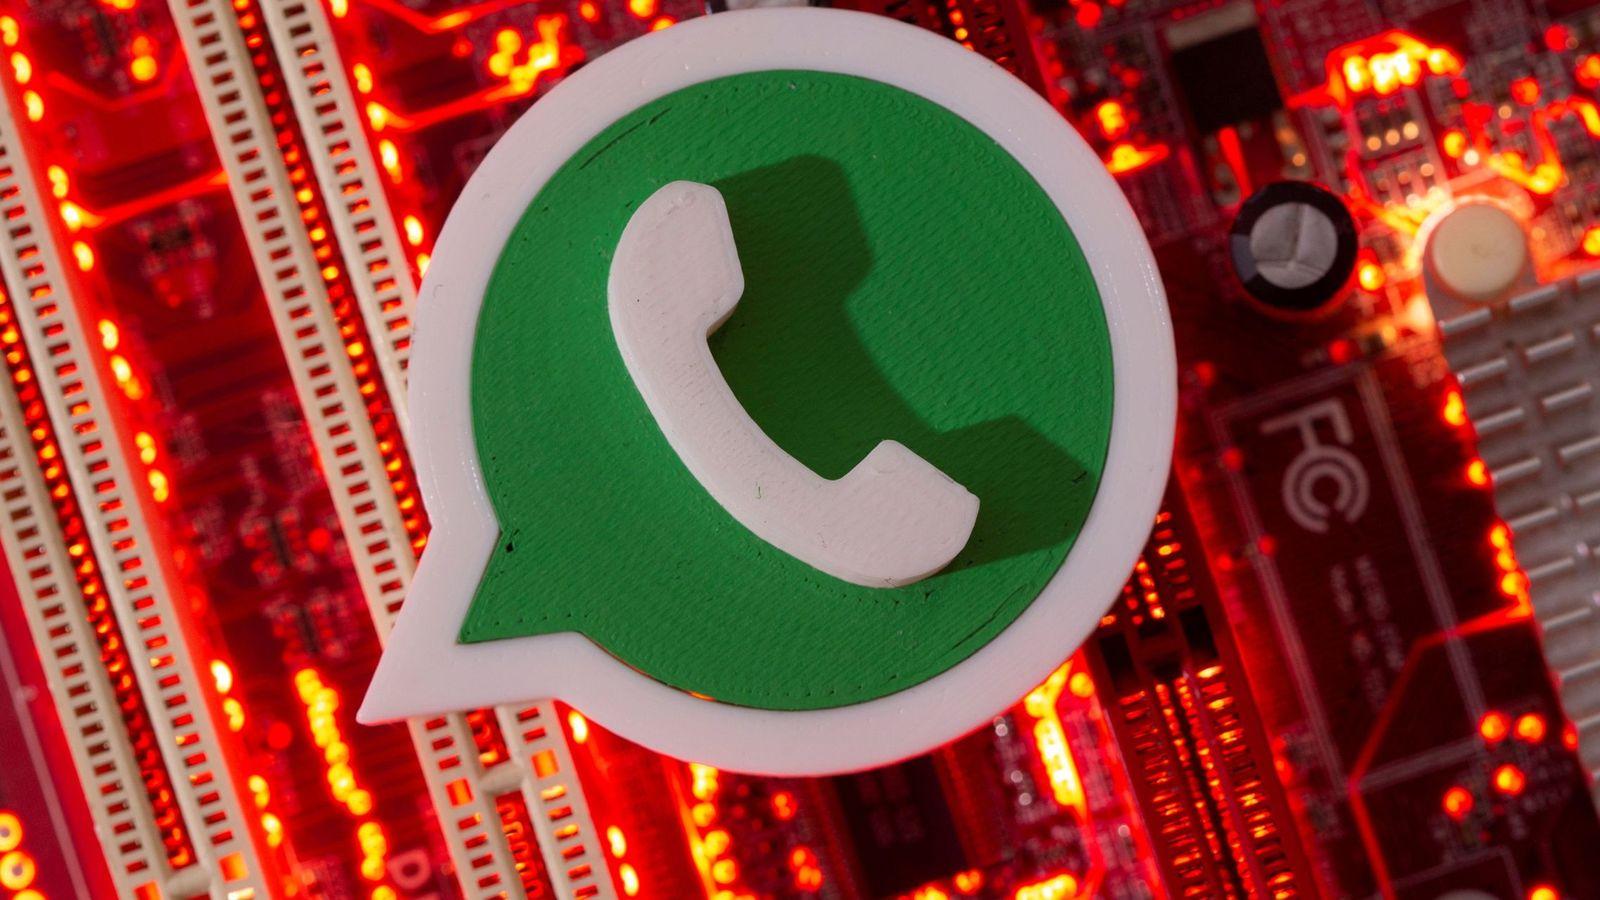 WhatsApp: ¿Qué pasa si no aceptas las condiciones de uso de WhatsApp? Este  sábado termina el plazo